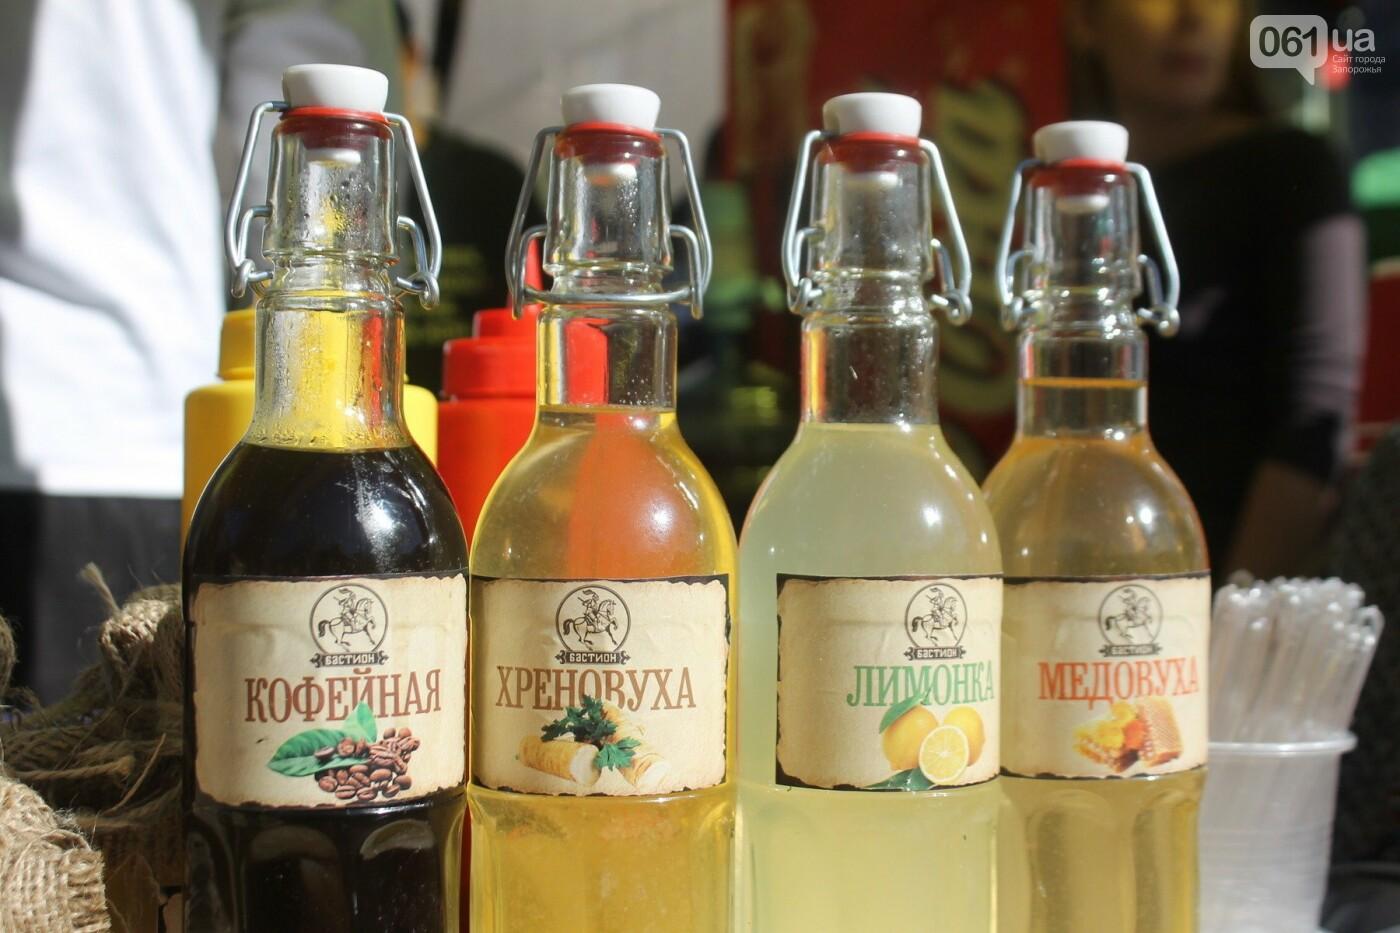 Как в Запорожье прошел пивной фестиваль «Beluga Beer fest», – ФОТОРЕПОРТАЖ, фото-13